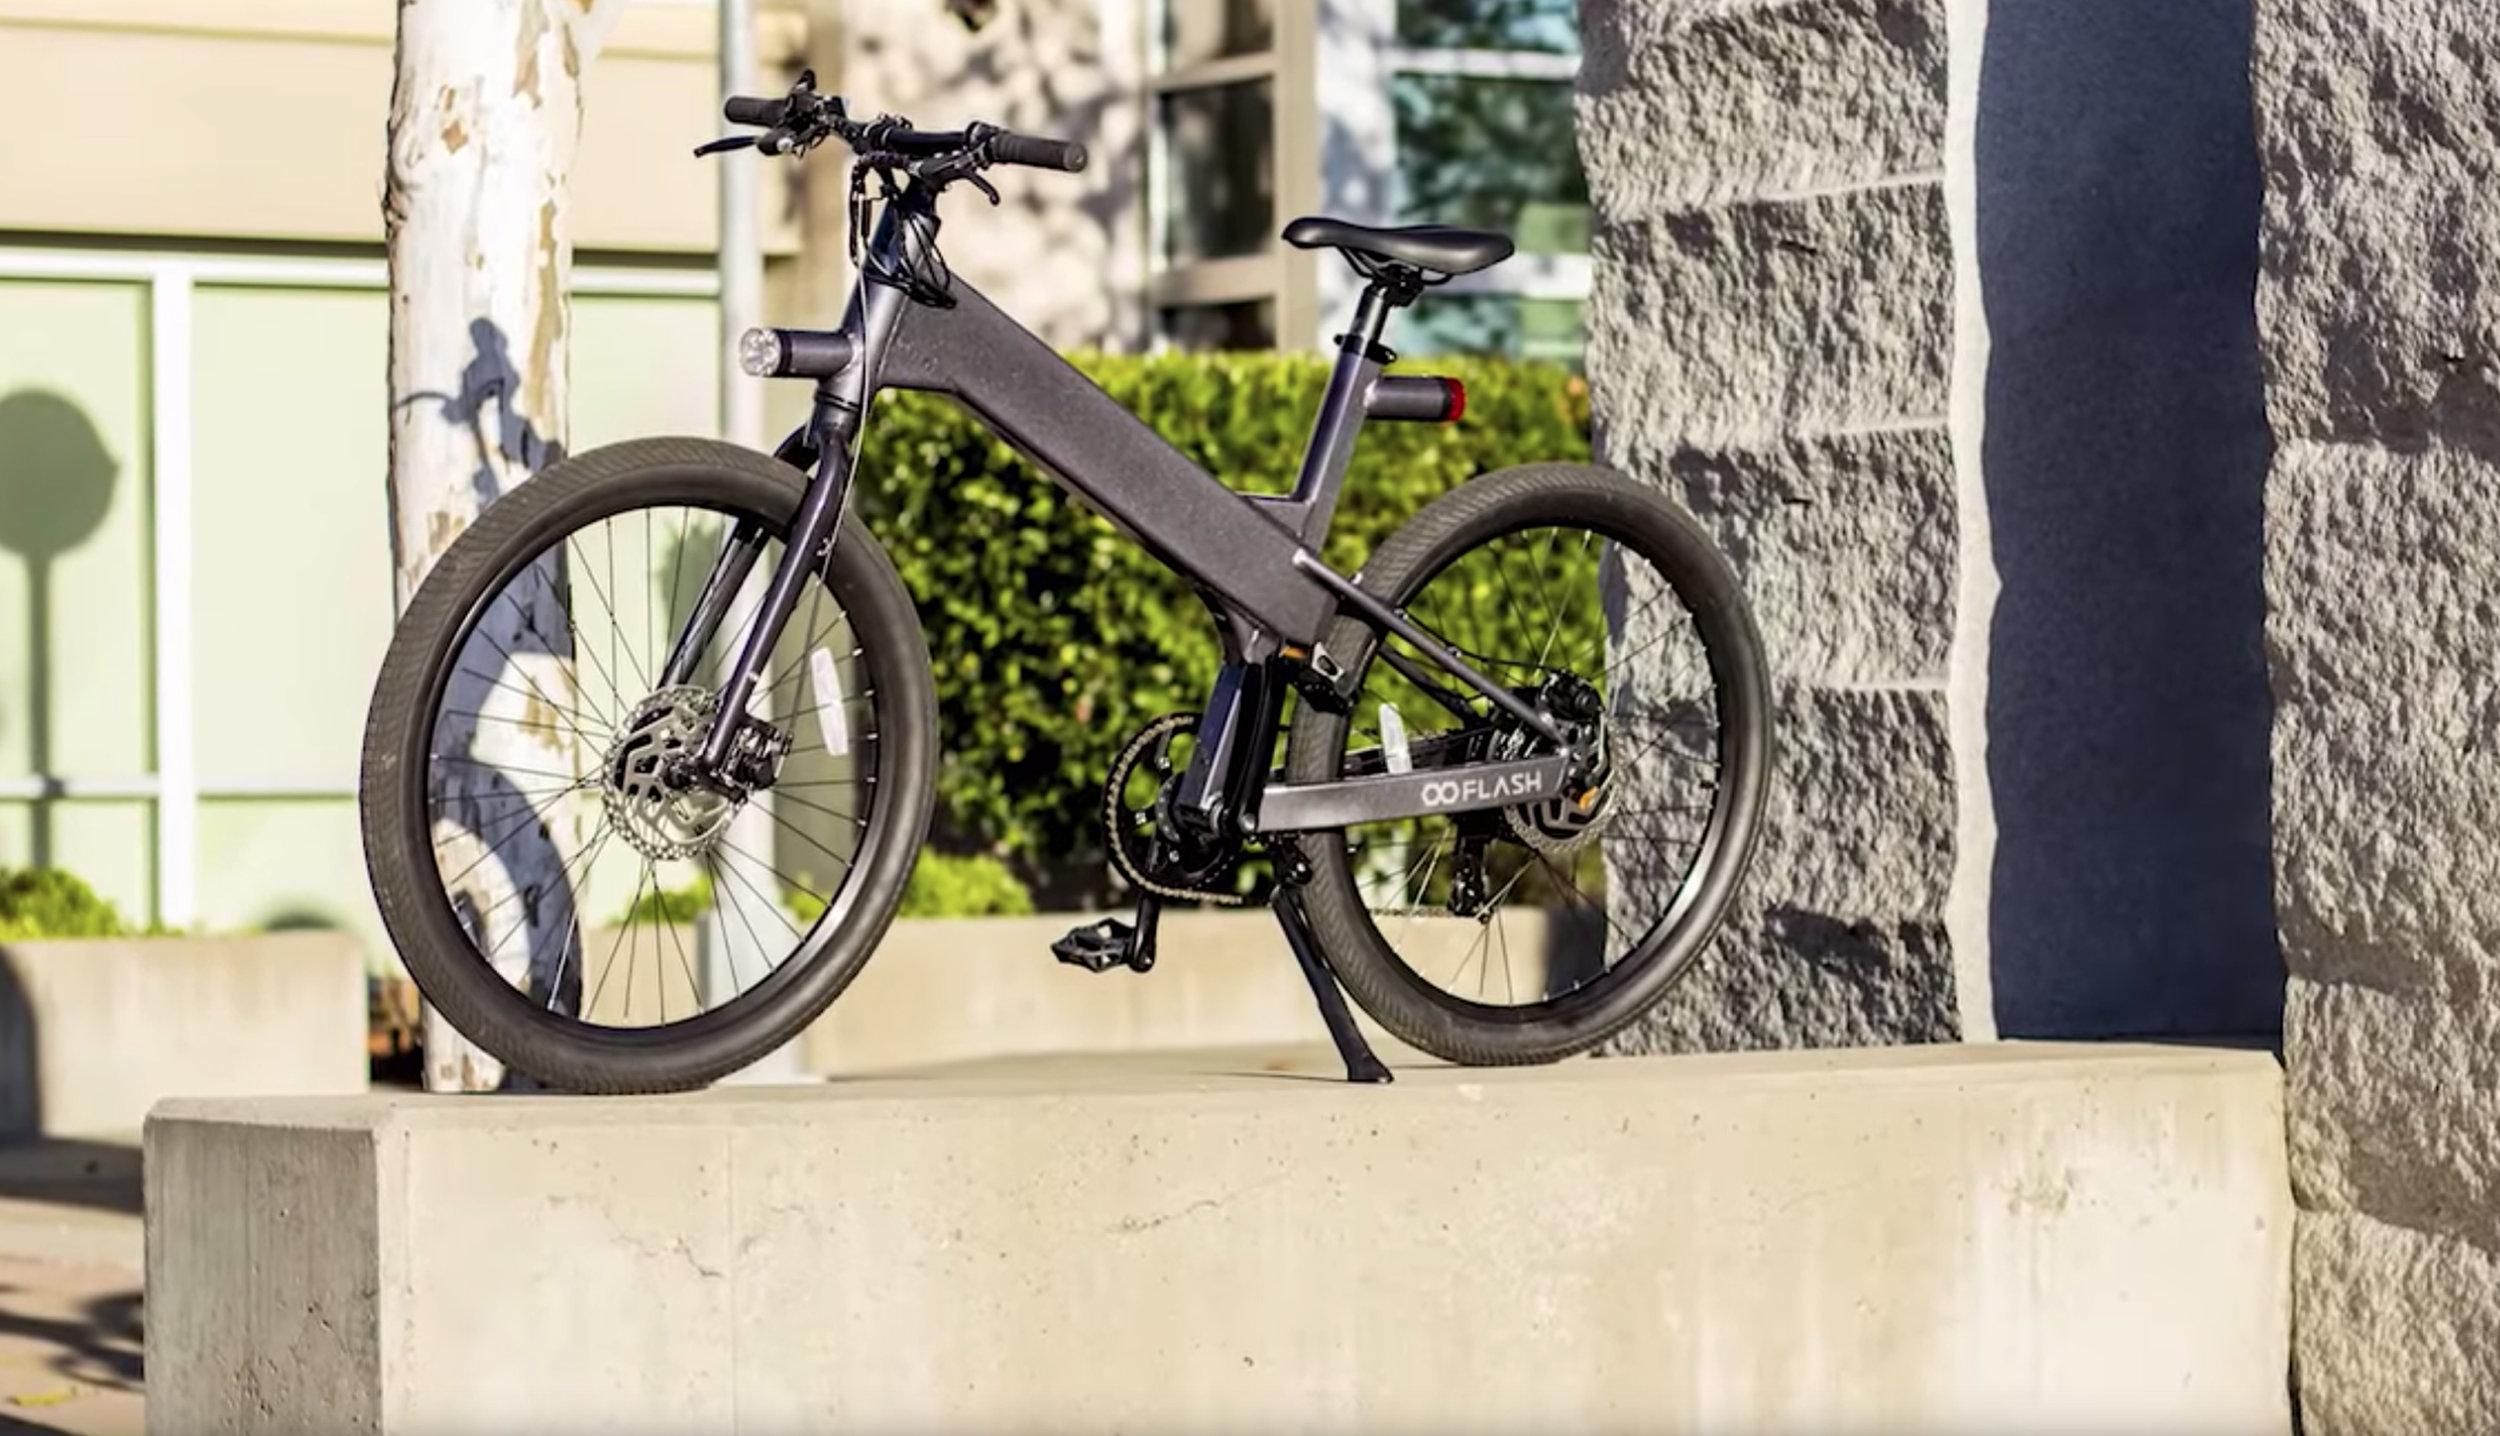 electrified-reviews-flash-v1-electric-bike-review-profile.jpg